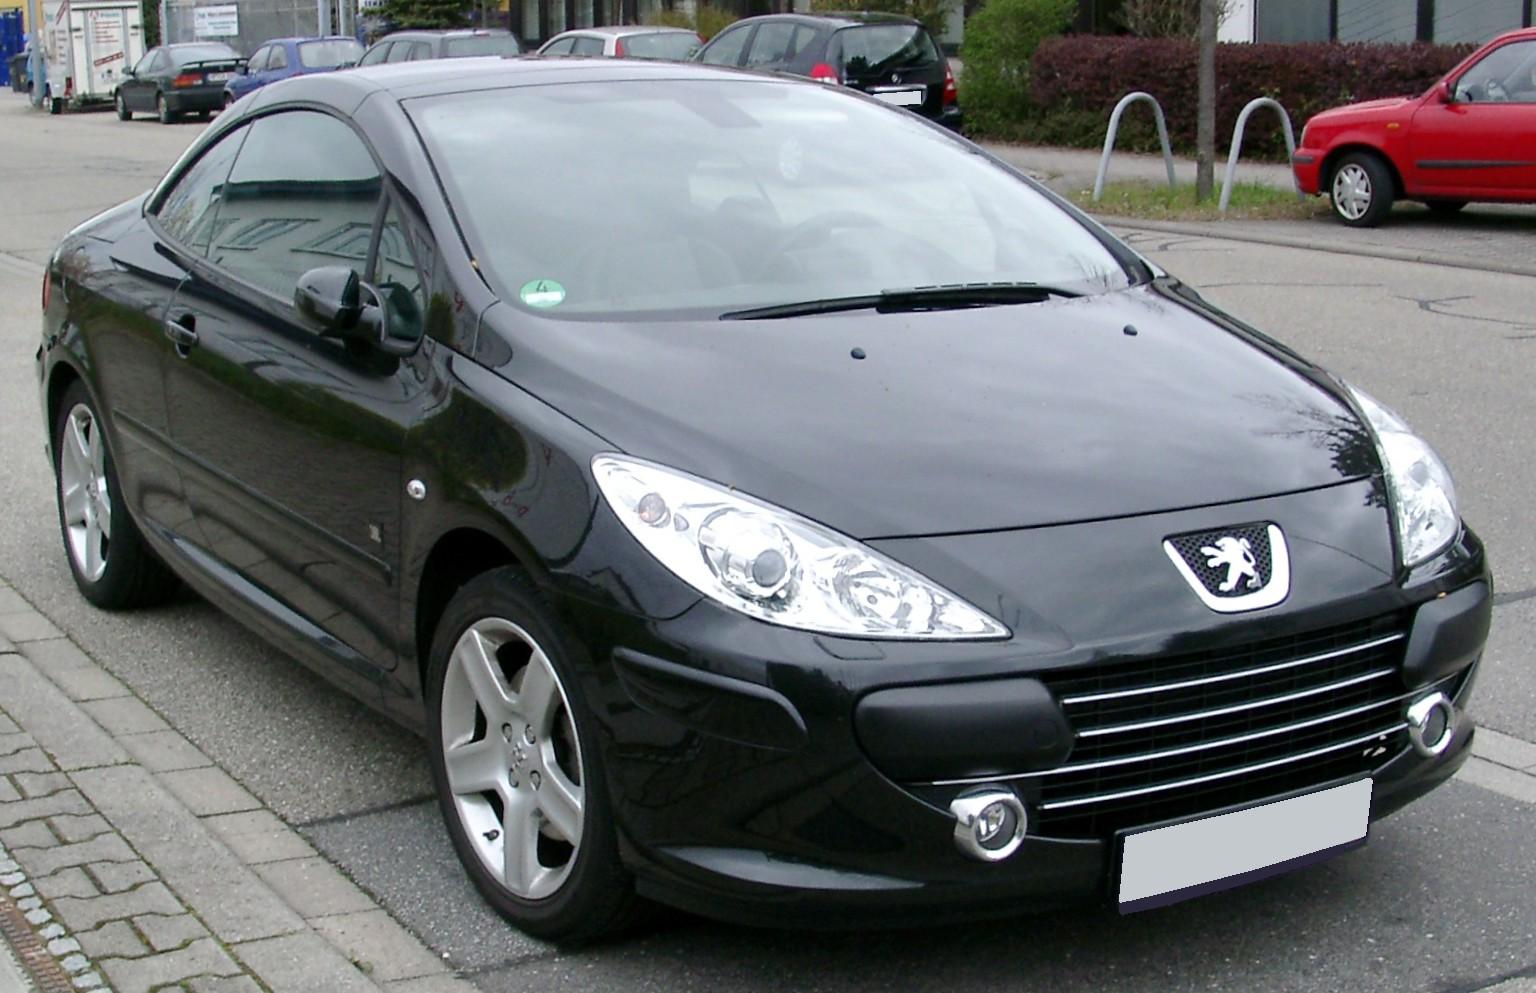 http://4.bp.blogspot.com/-Y9WH4v6tSGU/To7jyKvFR5I/AAAAAAAABDY/iNg0Yix4t3s/s1600/Peugeot-307CC-2.jpg